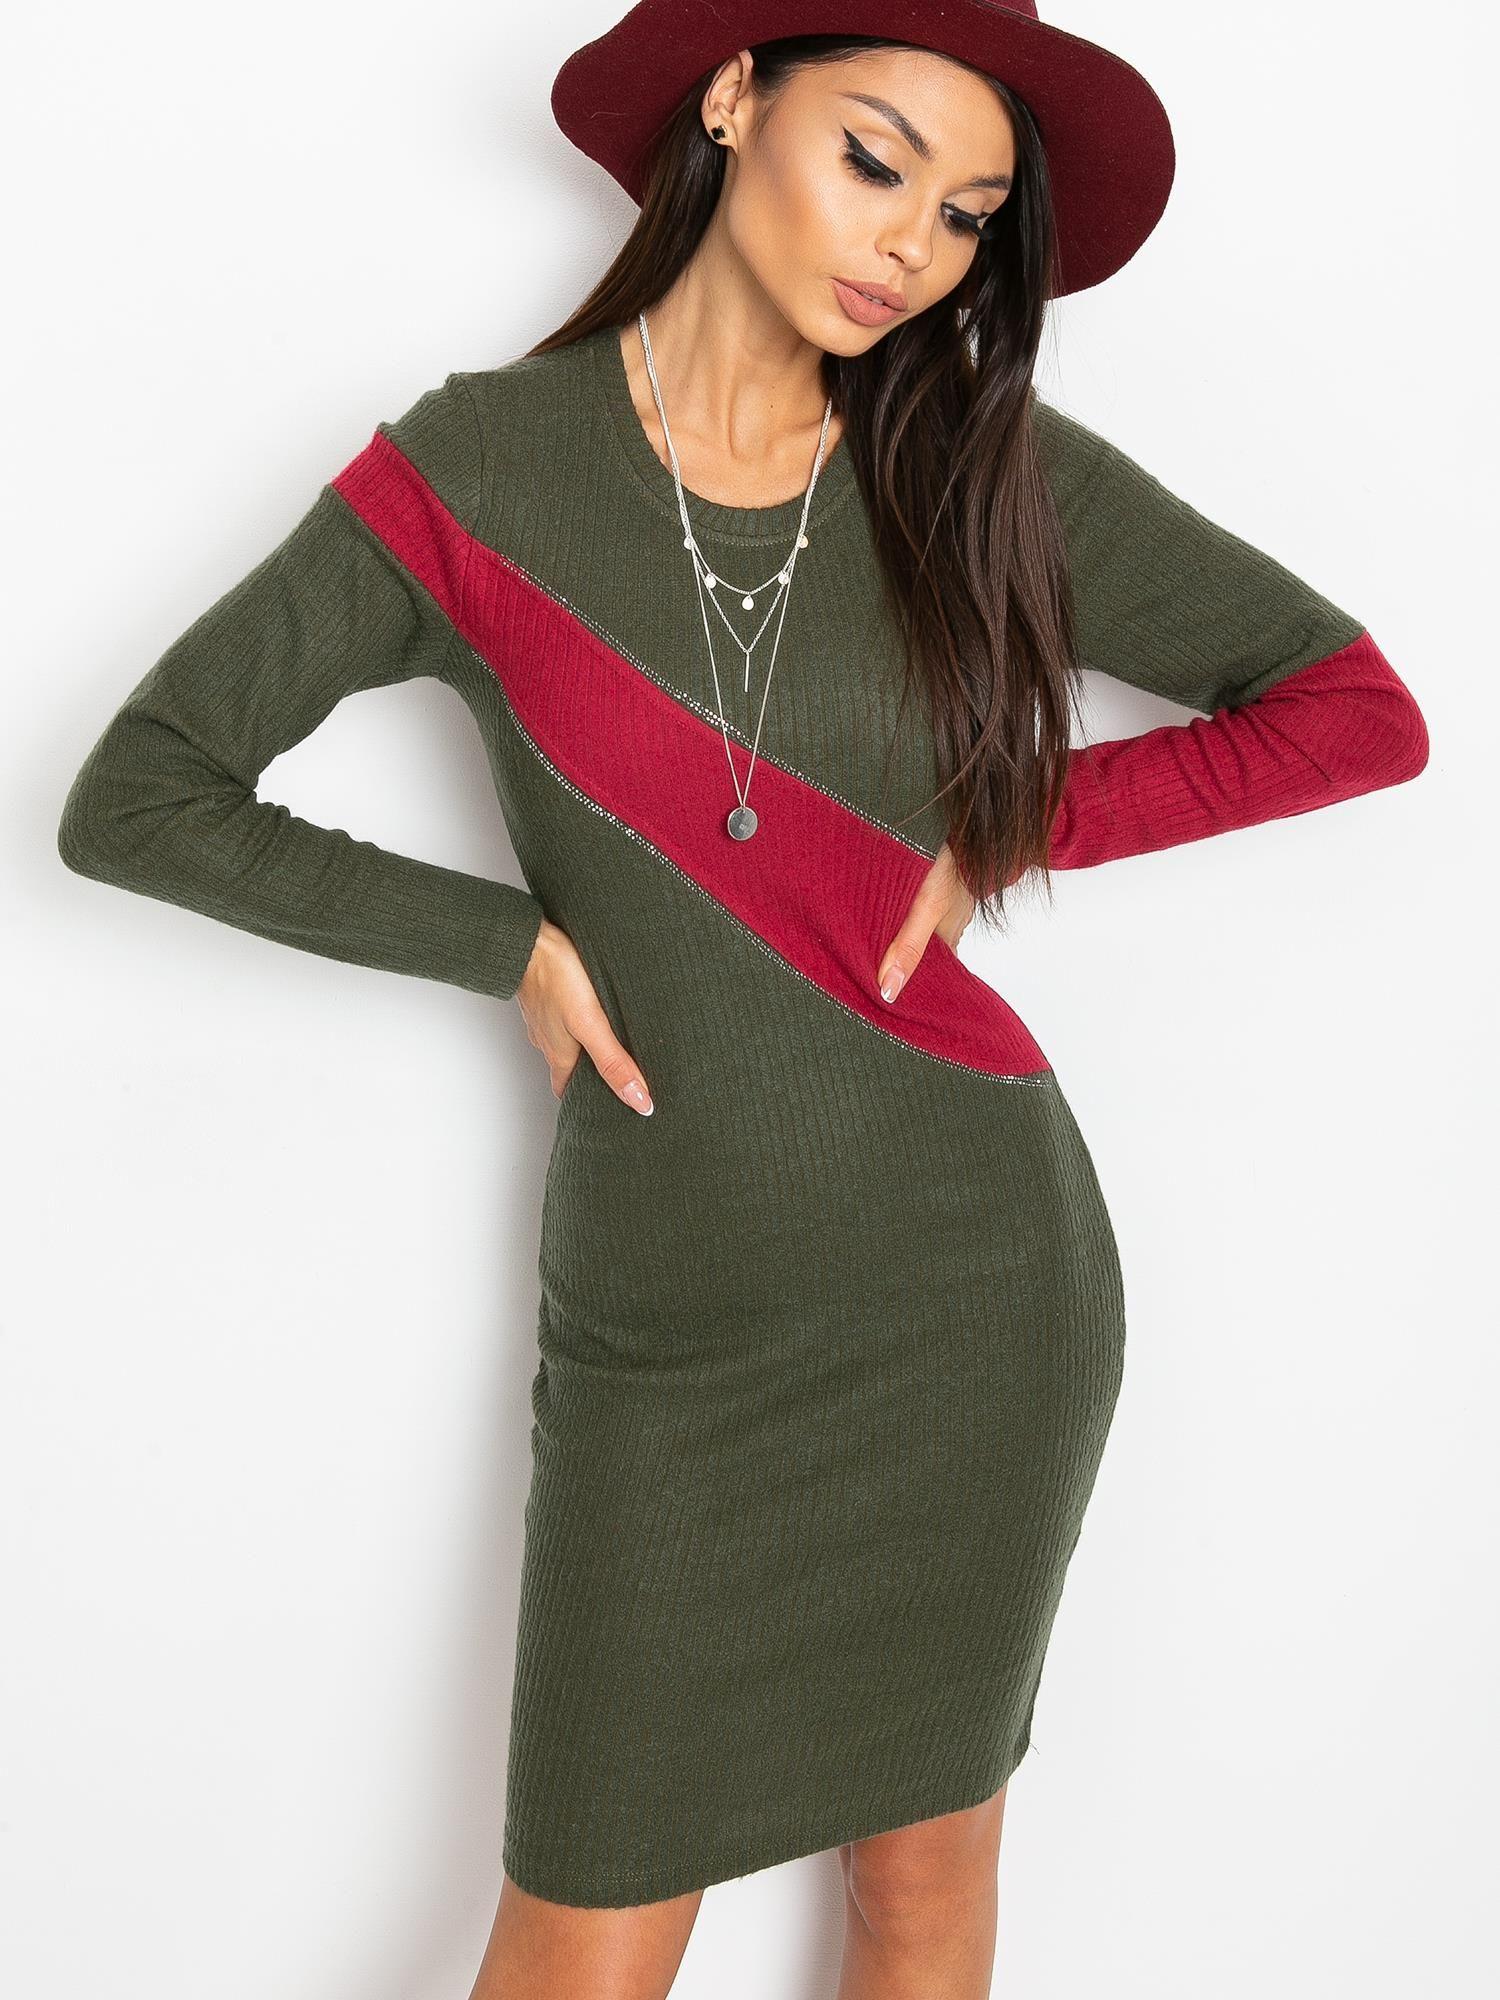 Kaki priliehavé šaty s červeným pruhom - S/M